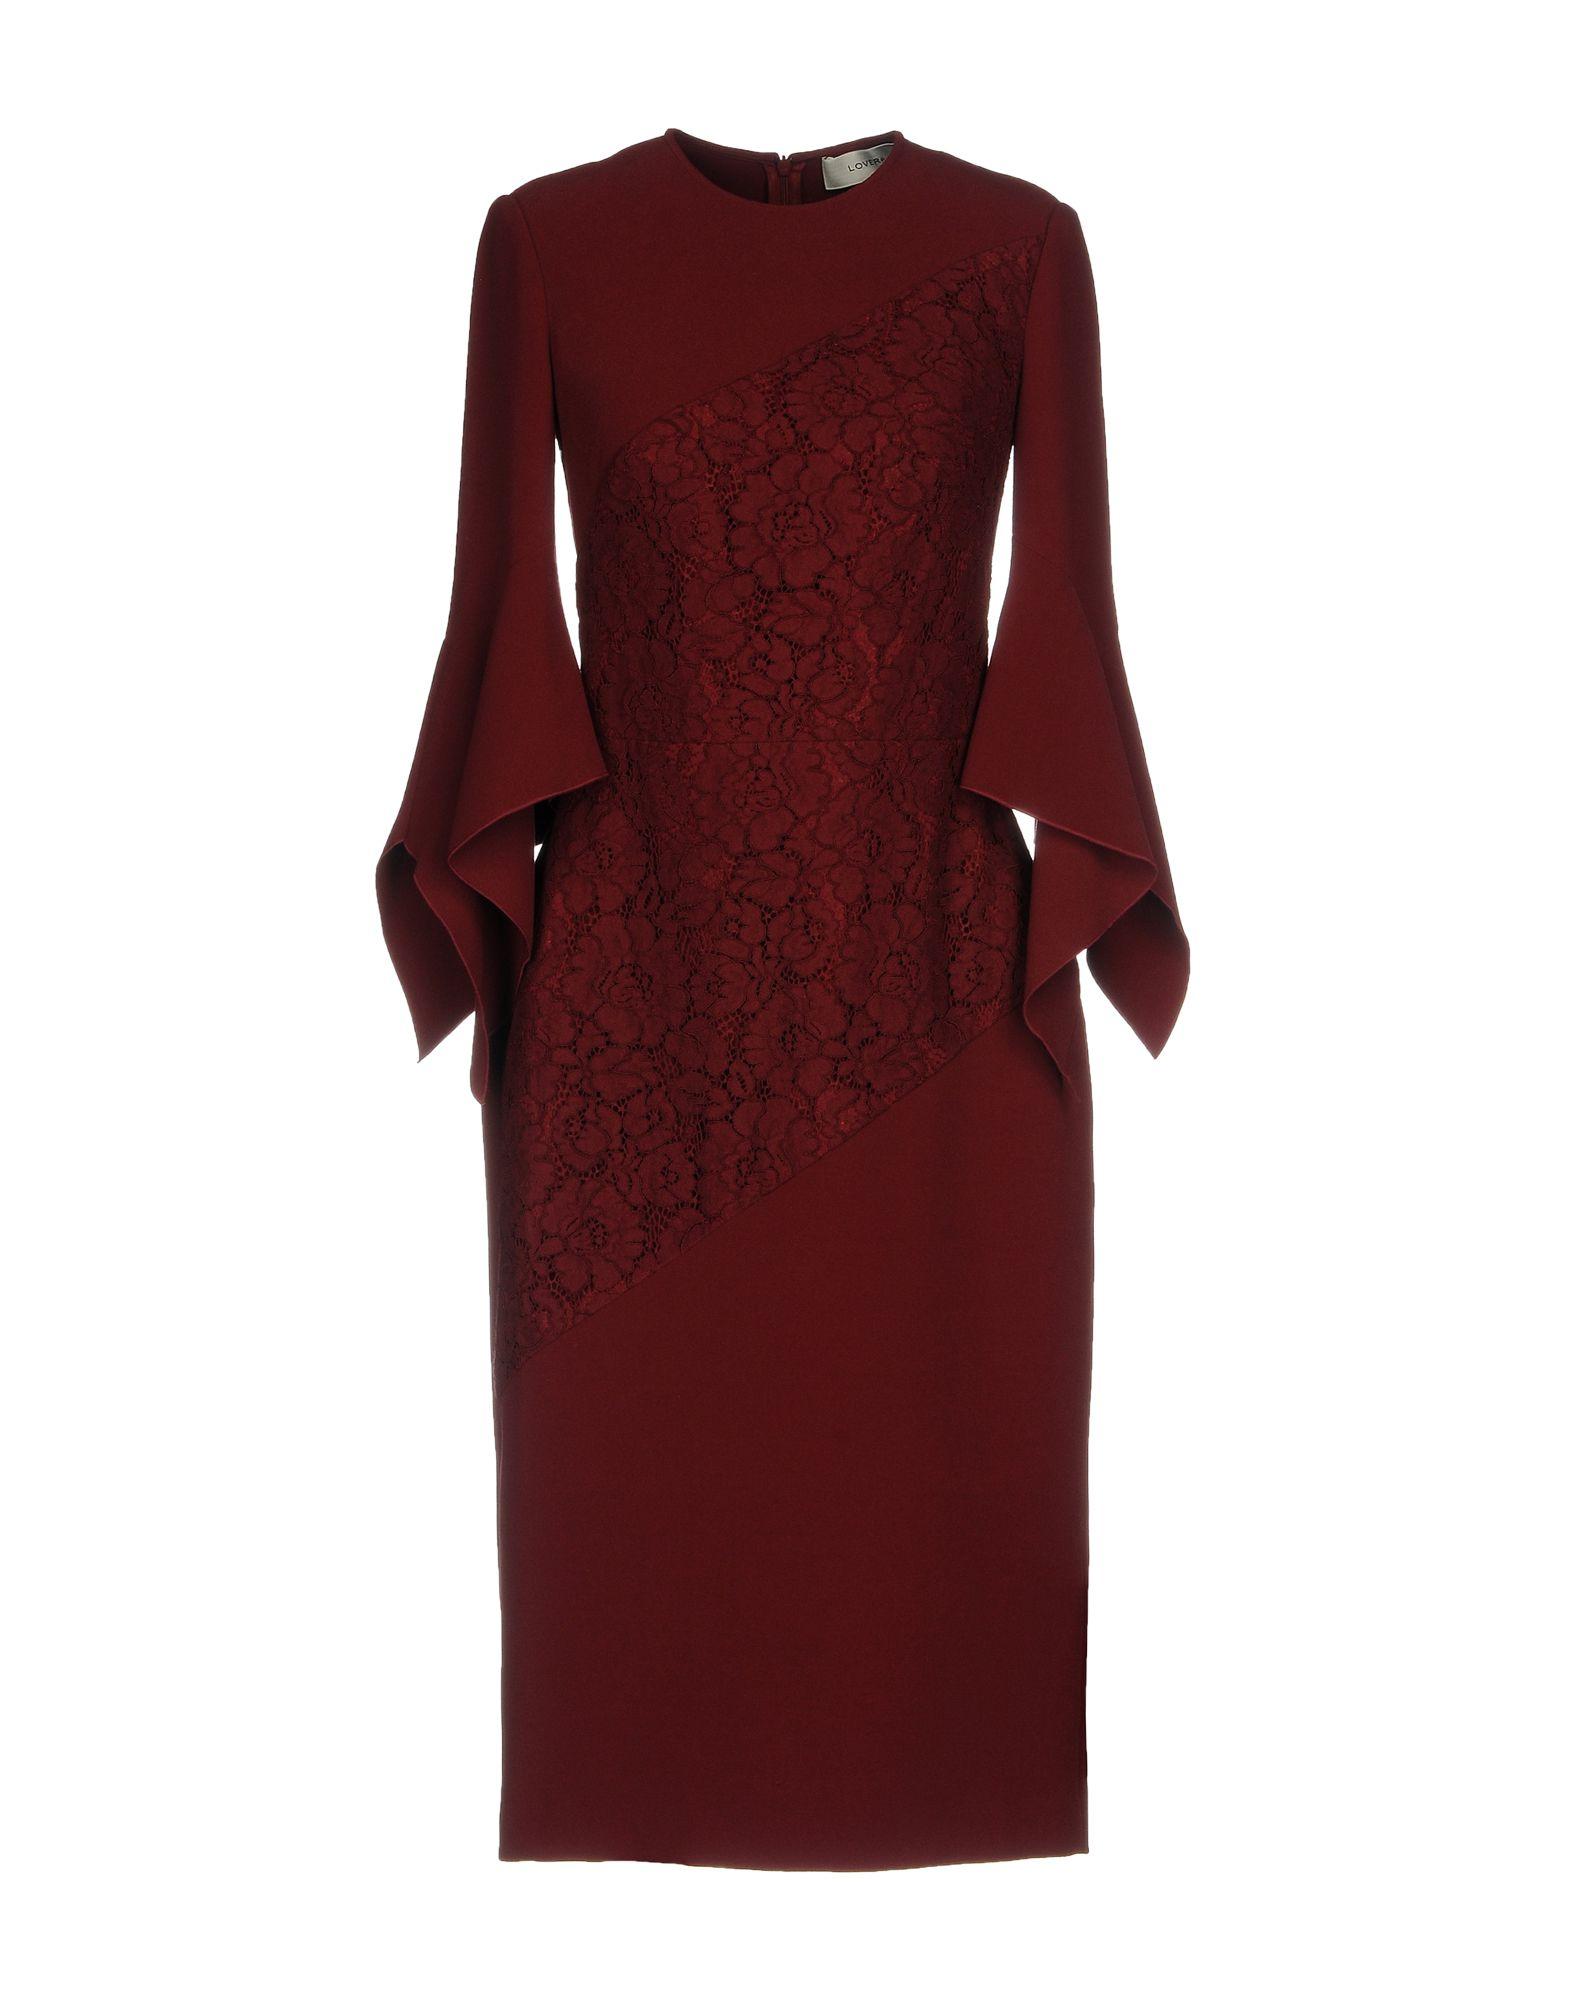 LOVER Knee-Length Dress in Maroon